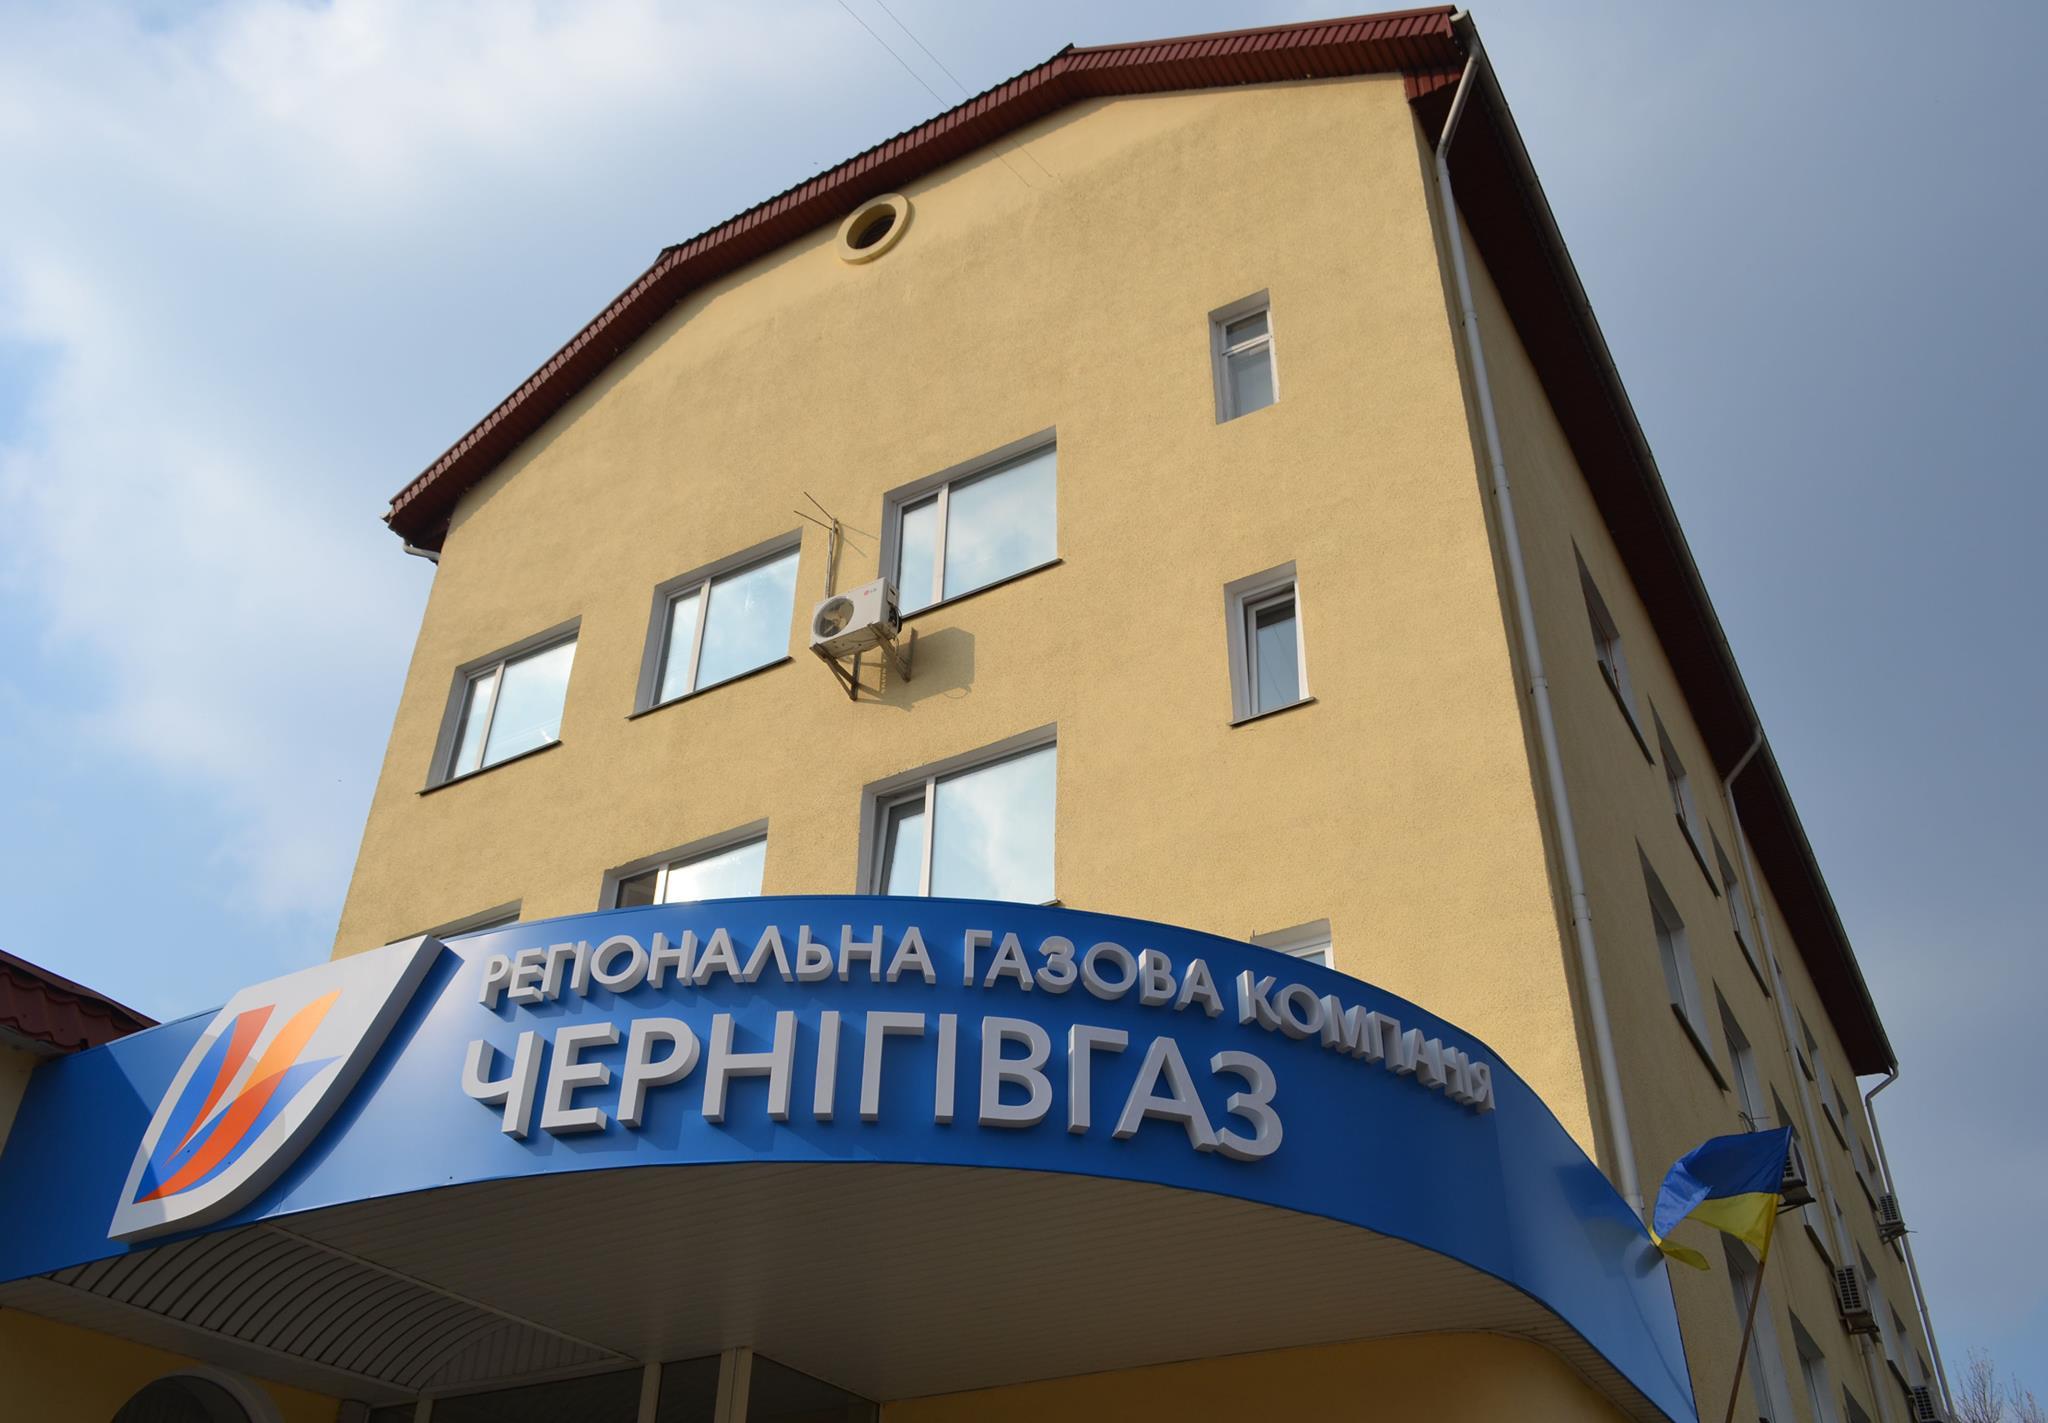 Відбулося перше судове засідання у справі споживачів проти «Чернігівгаз збут»